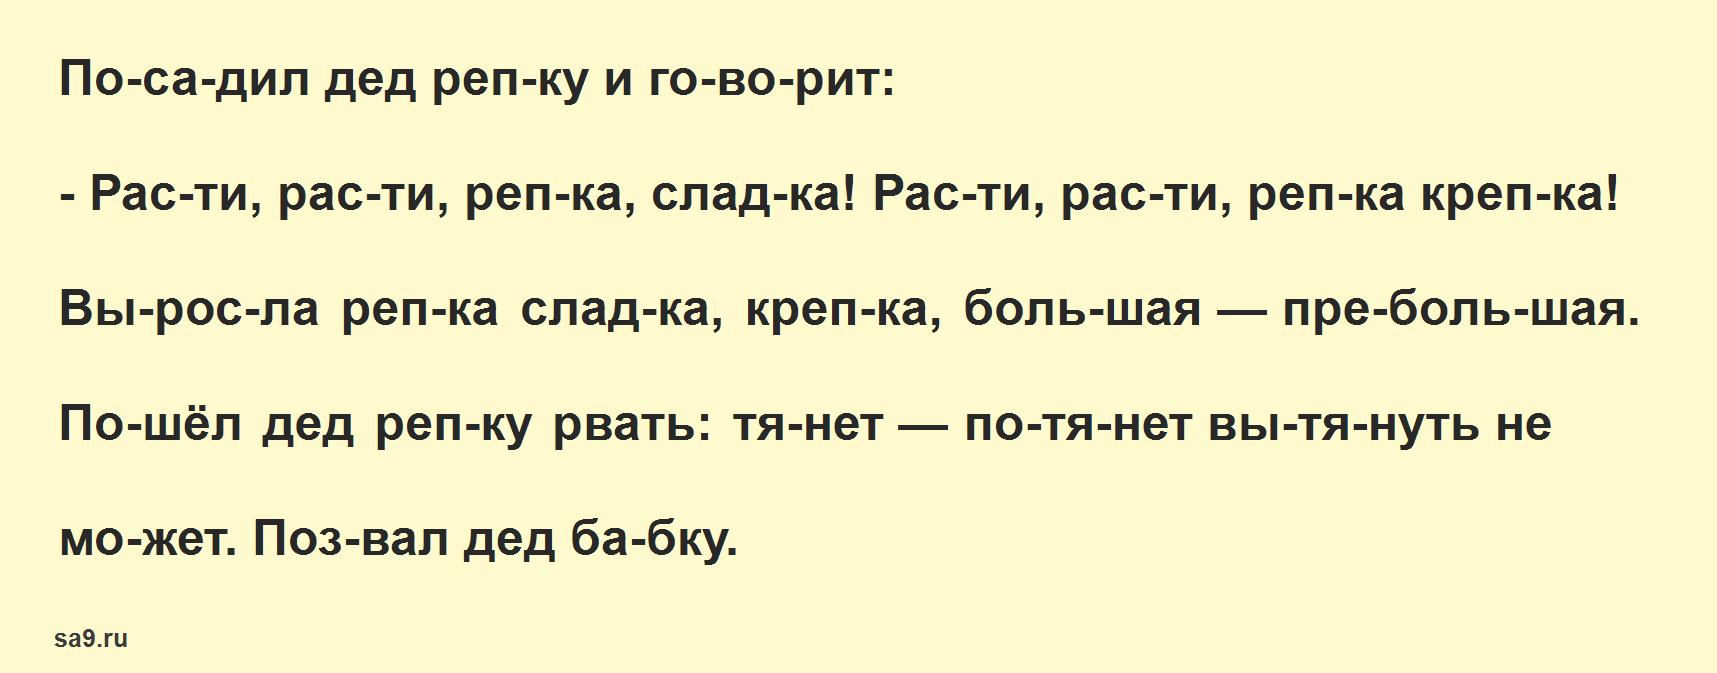 Сказка - Репка, по слогам